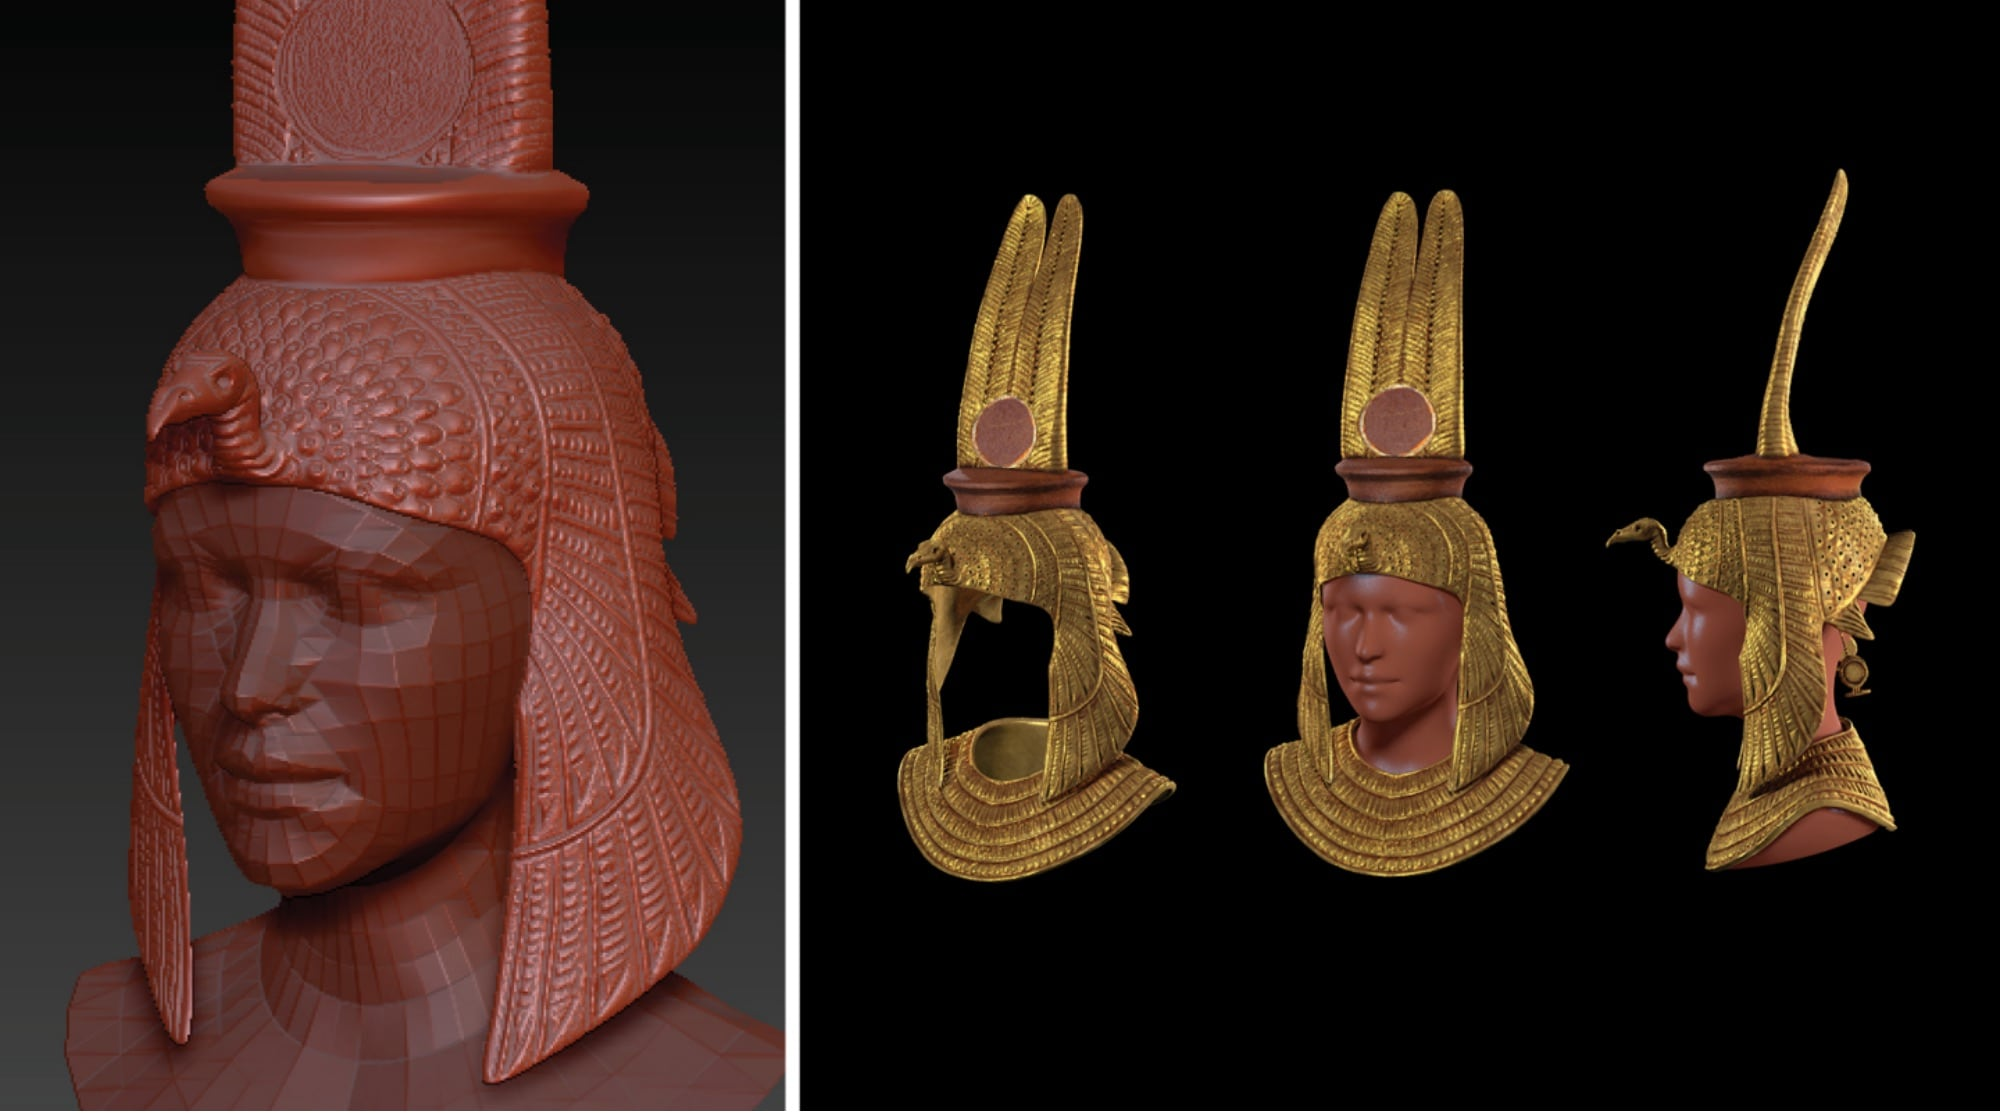 3D Renders of Nefertari Crown